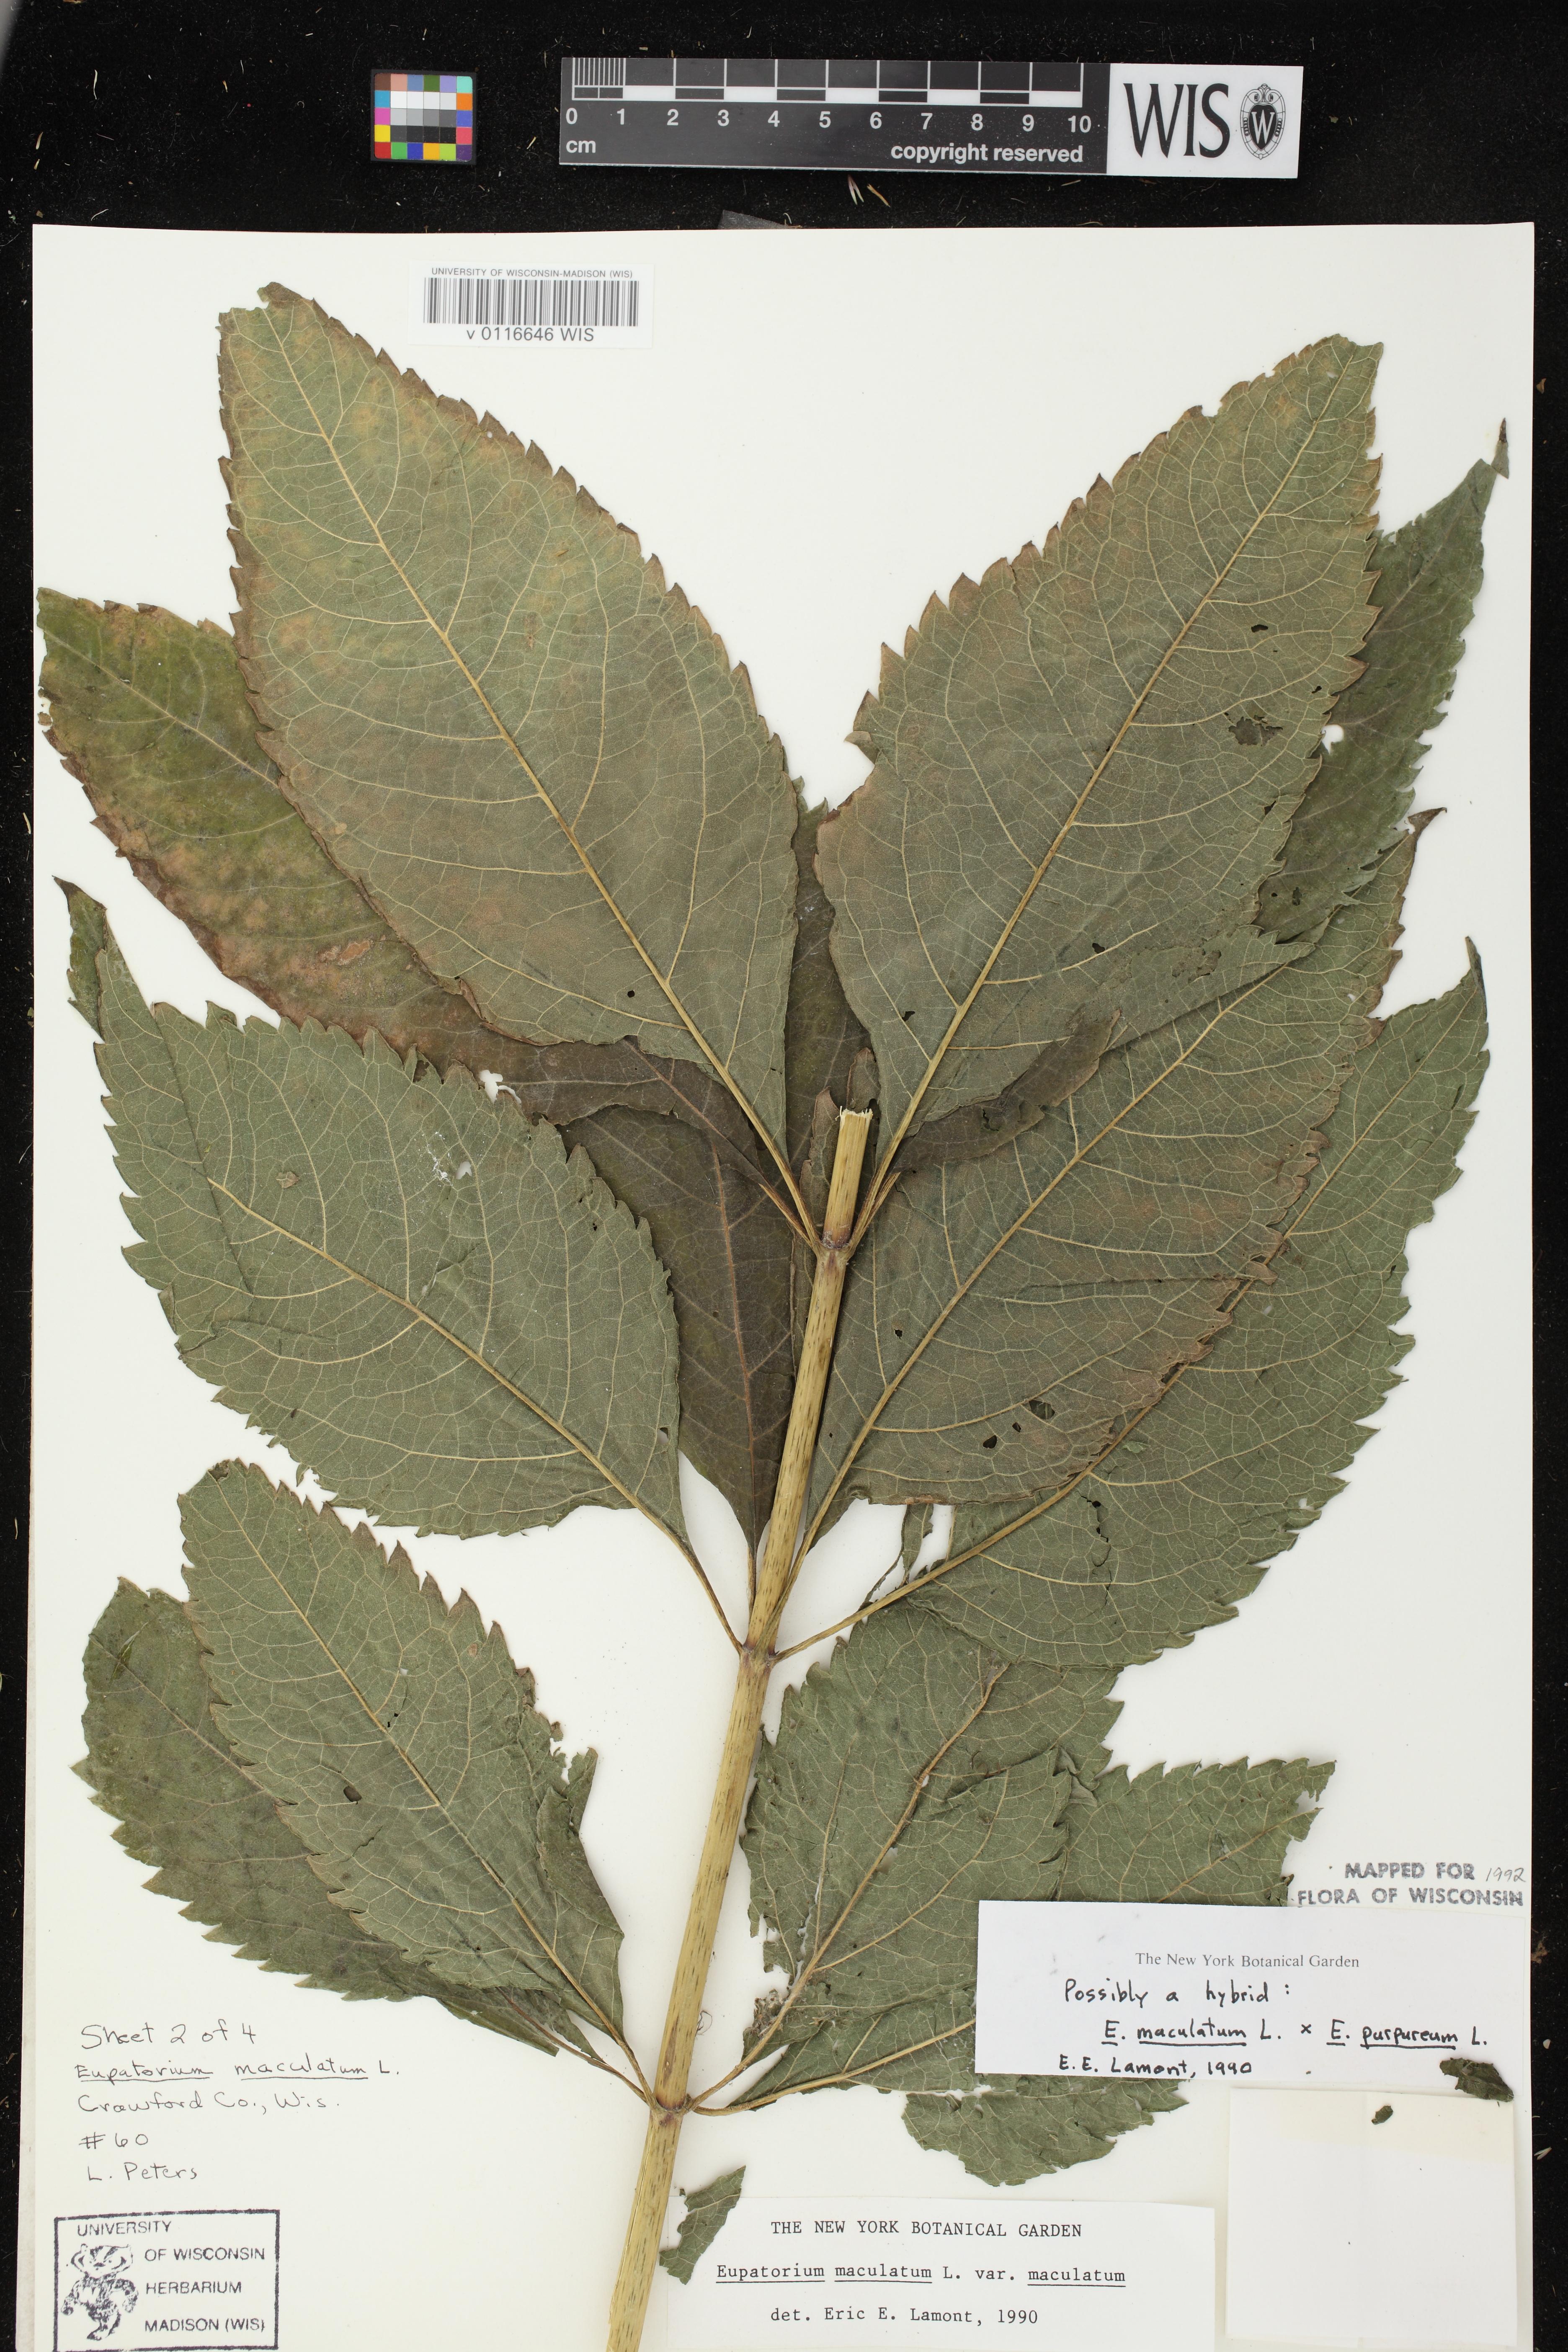 Image of Eutrochium maculatum x e. purpureum